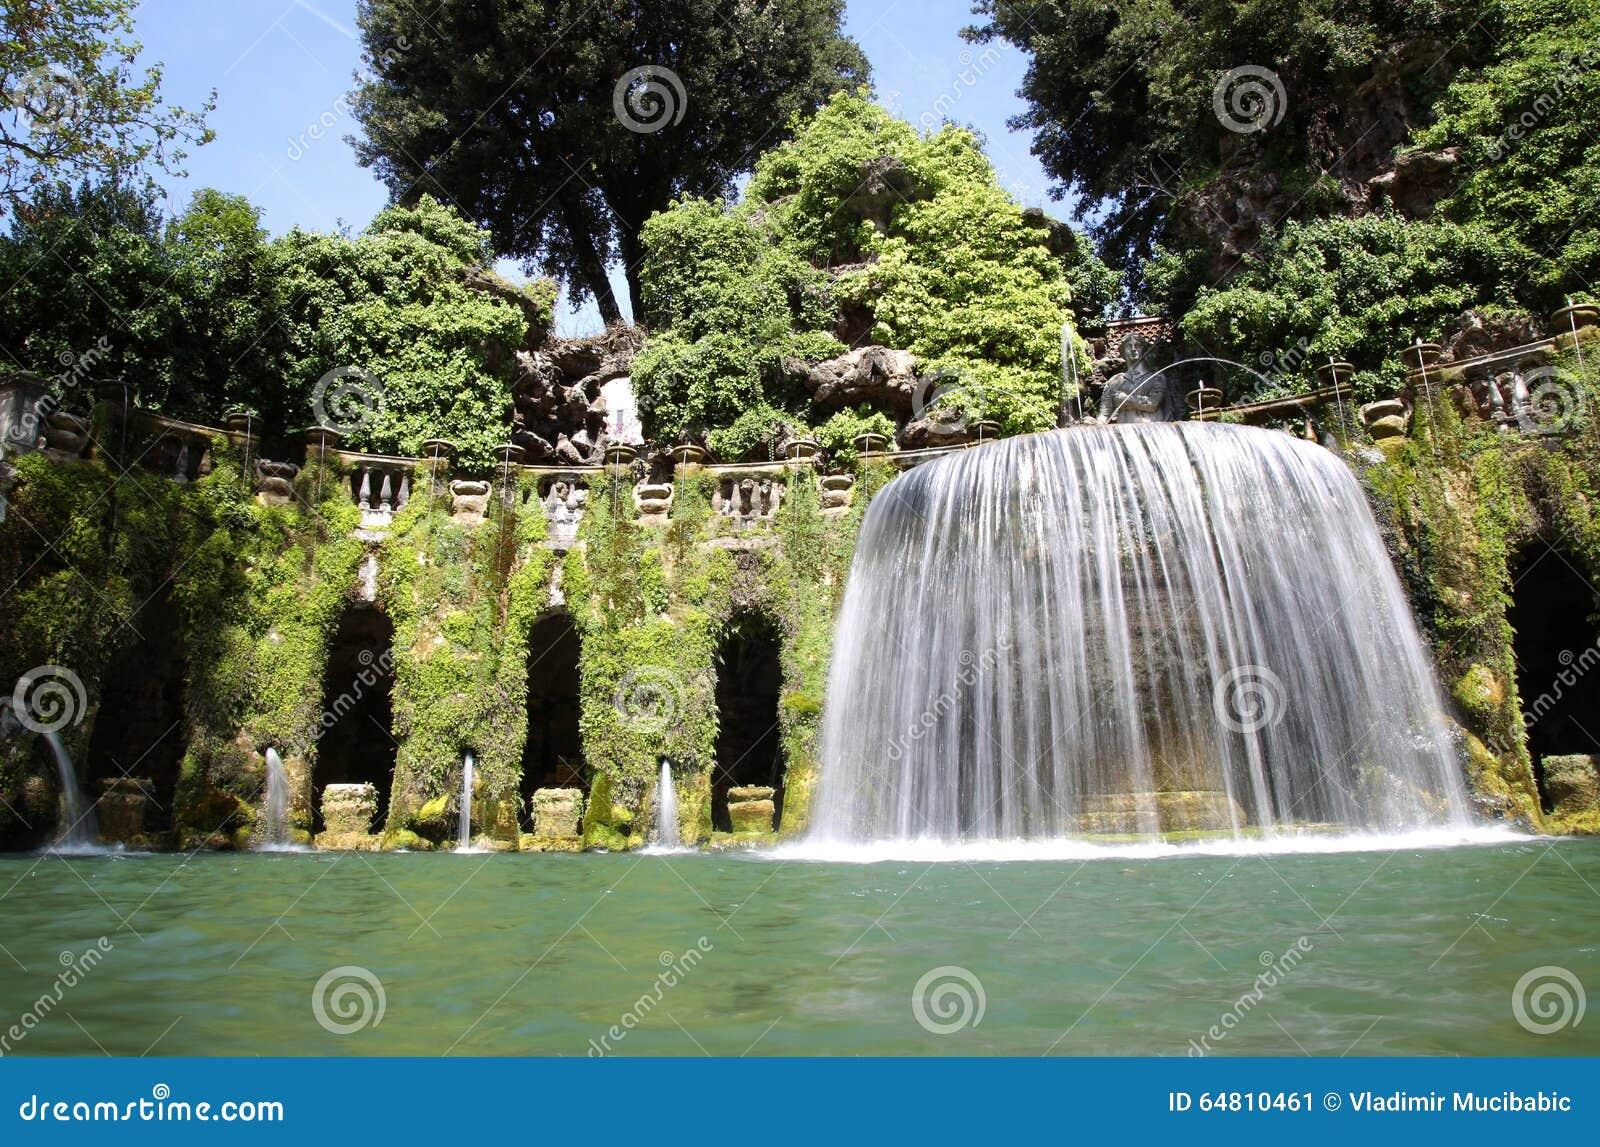 Dell 39 ovato de fontana fontaine et jardin d 39 este de de for Cafres este jardin